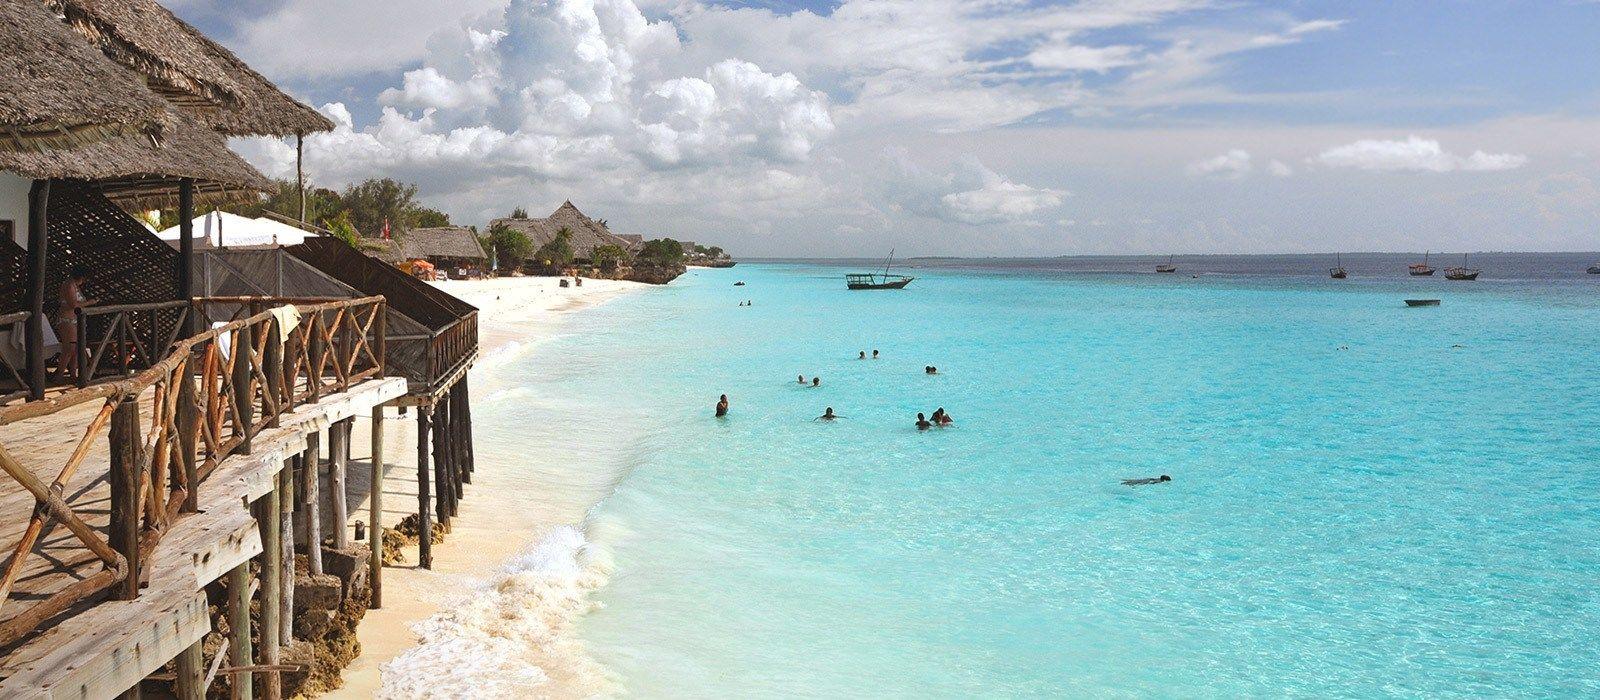 Tanzania: From Kilimanjaro to Zanzibar Tour Trip 7